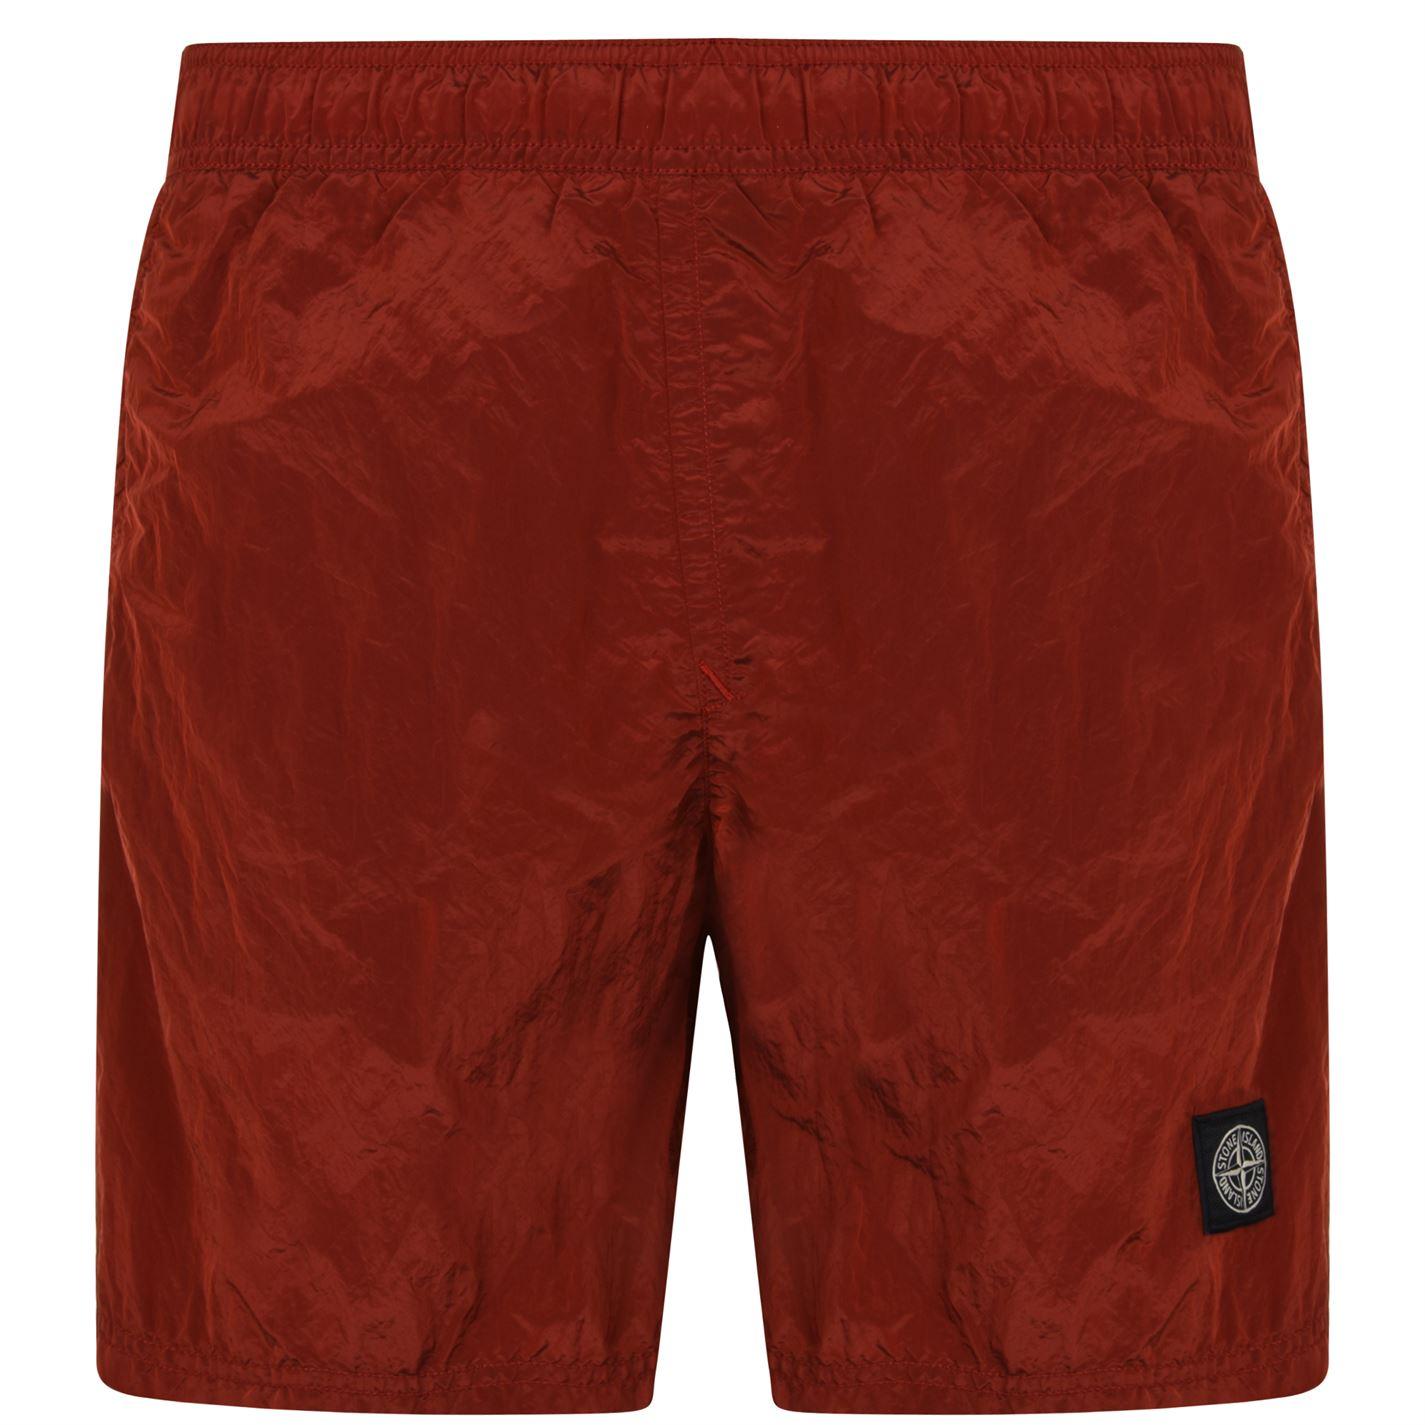 b1f359a0f STONE ISLAND Metallic Swim Shorts